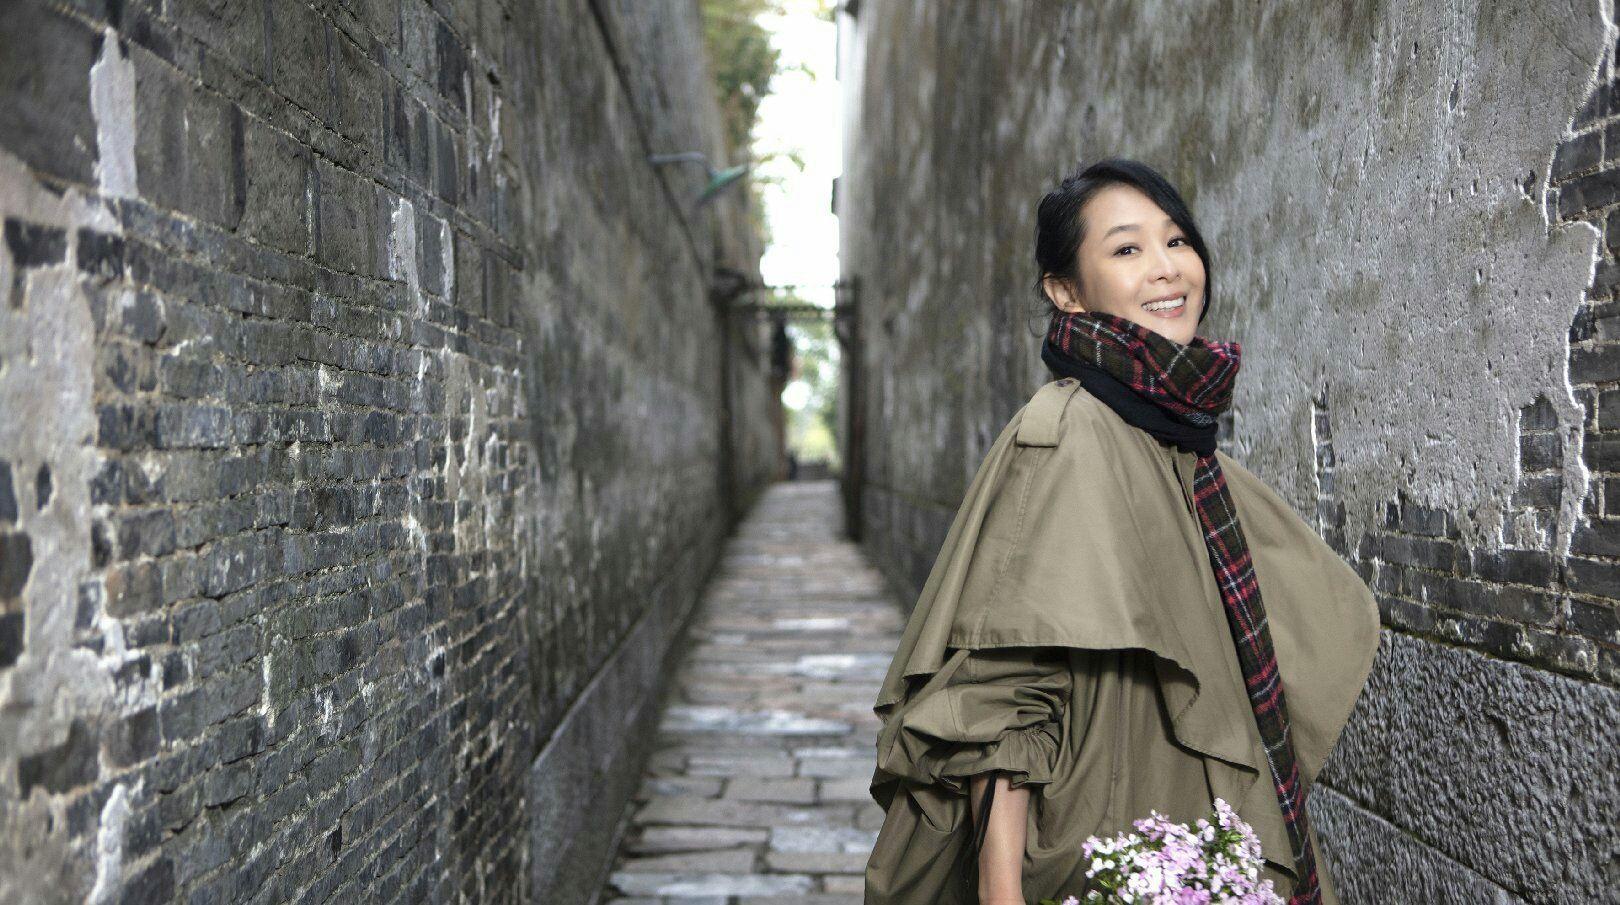 看到刘若英在乌镇游玩开心的样子,我也好想去看看